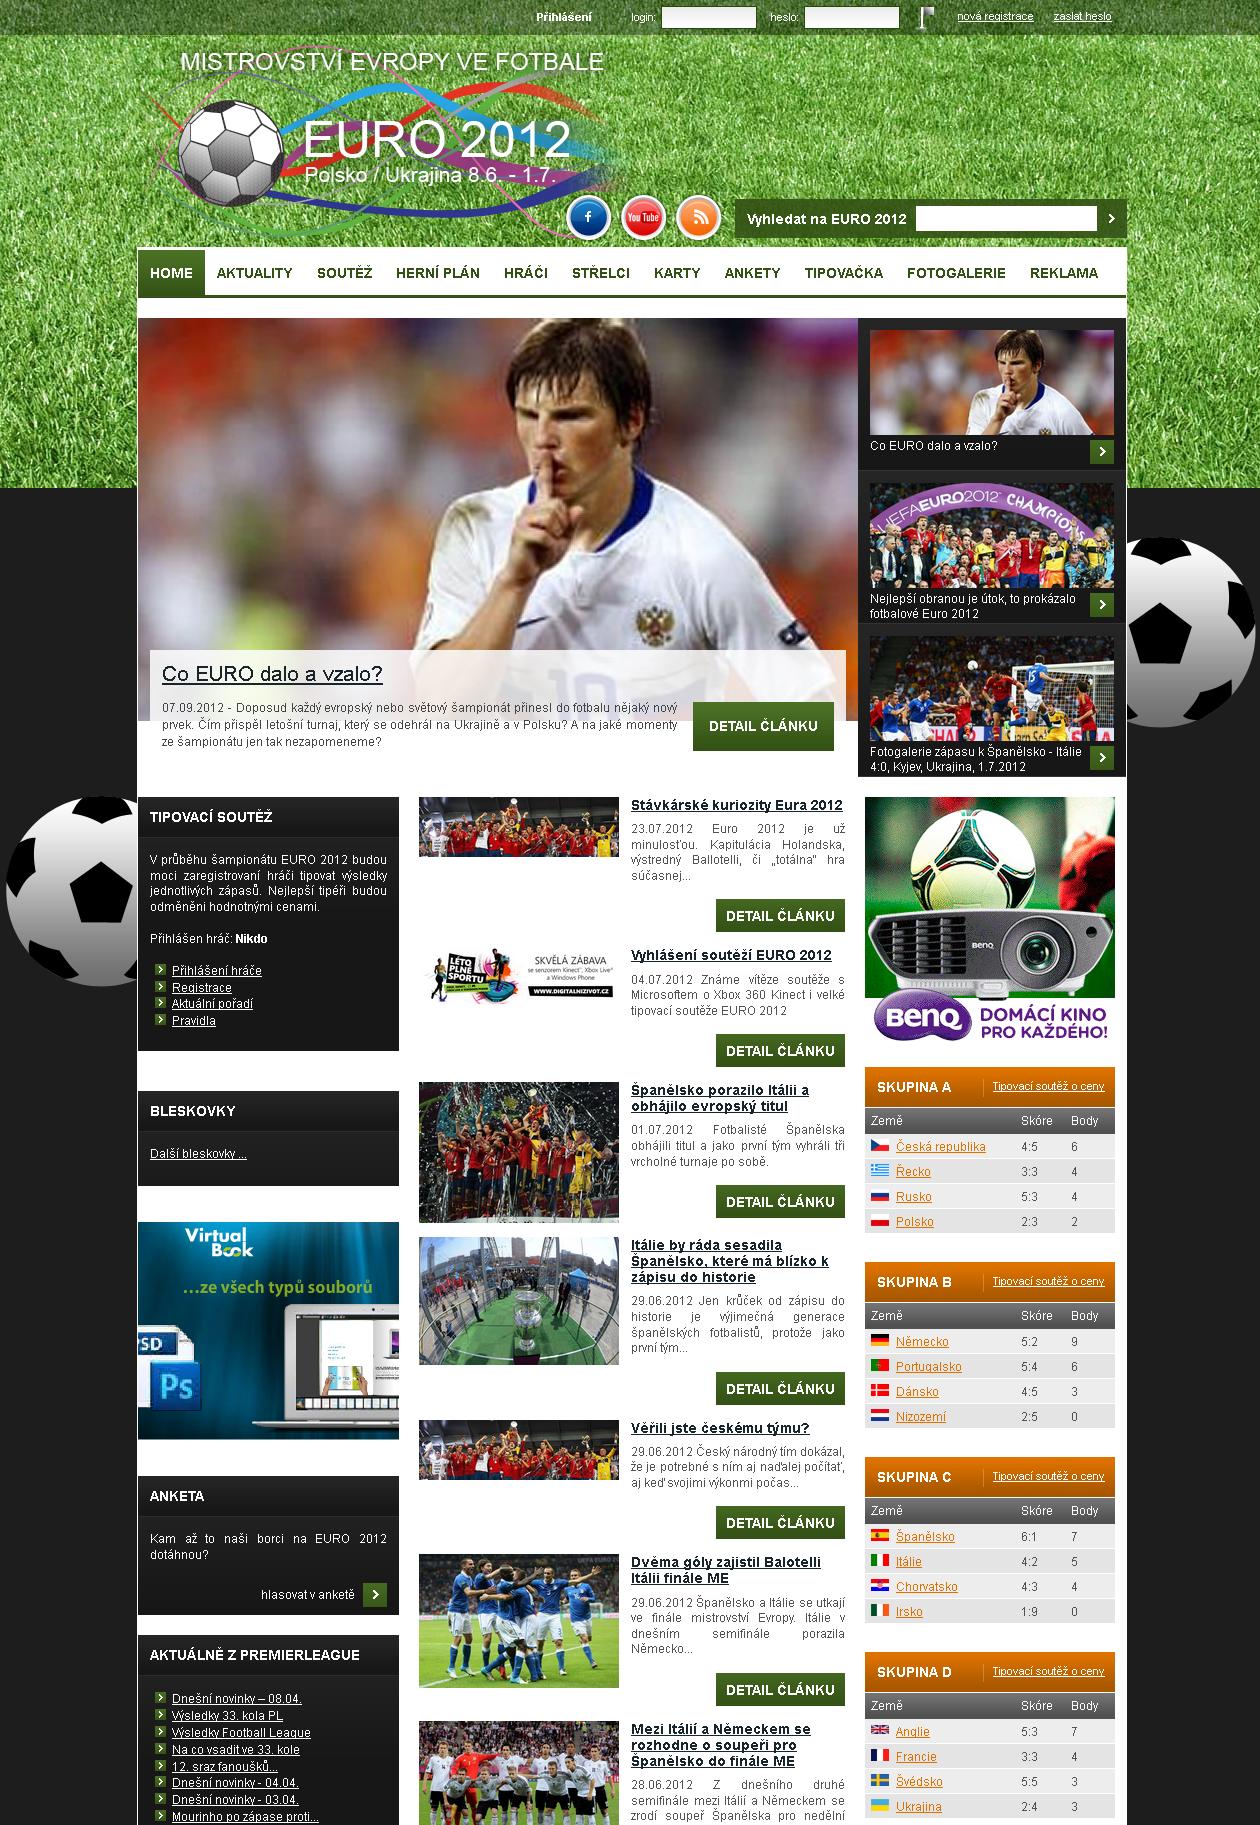 Web EURO 2012.cz - mistrovství ve fotbale 1